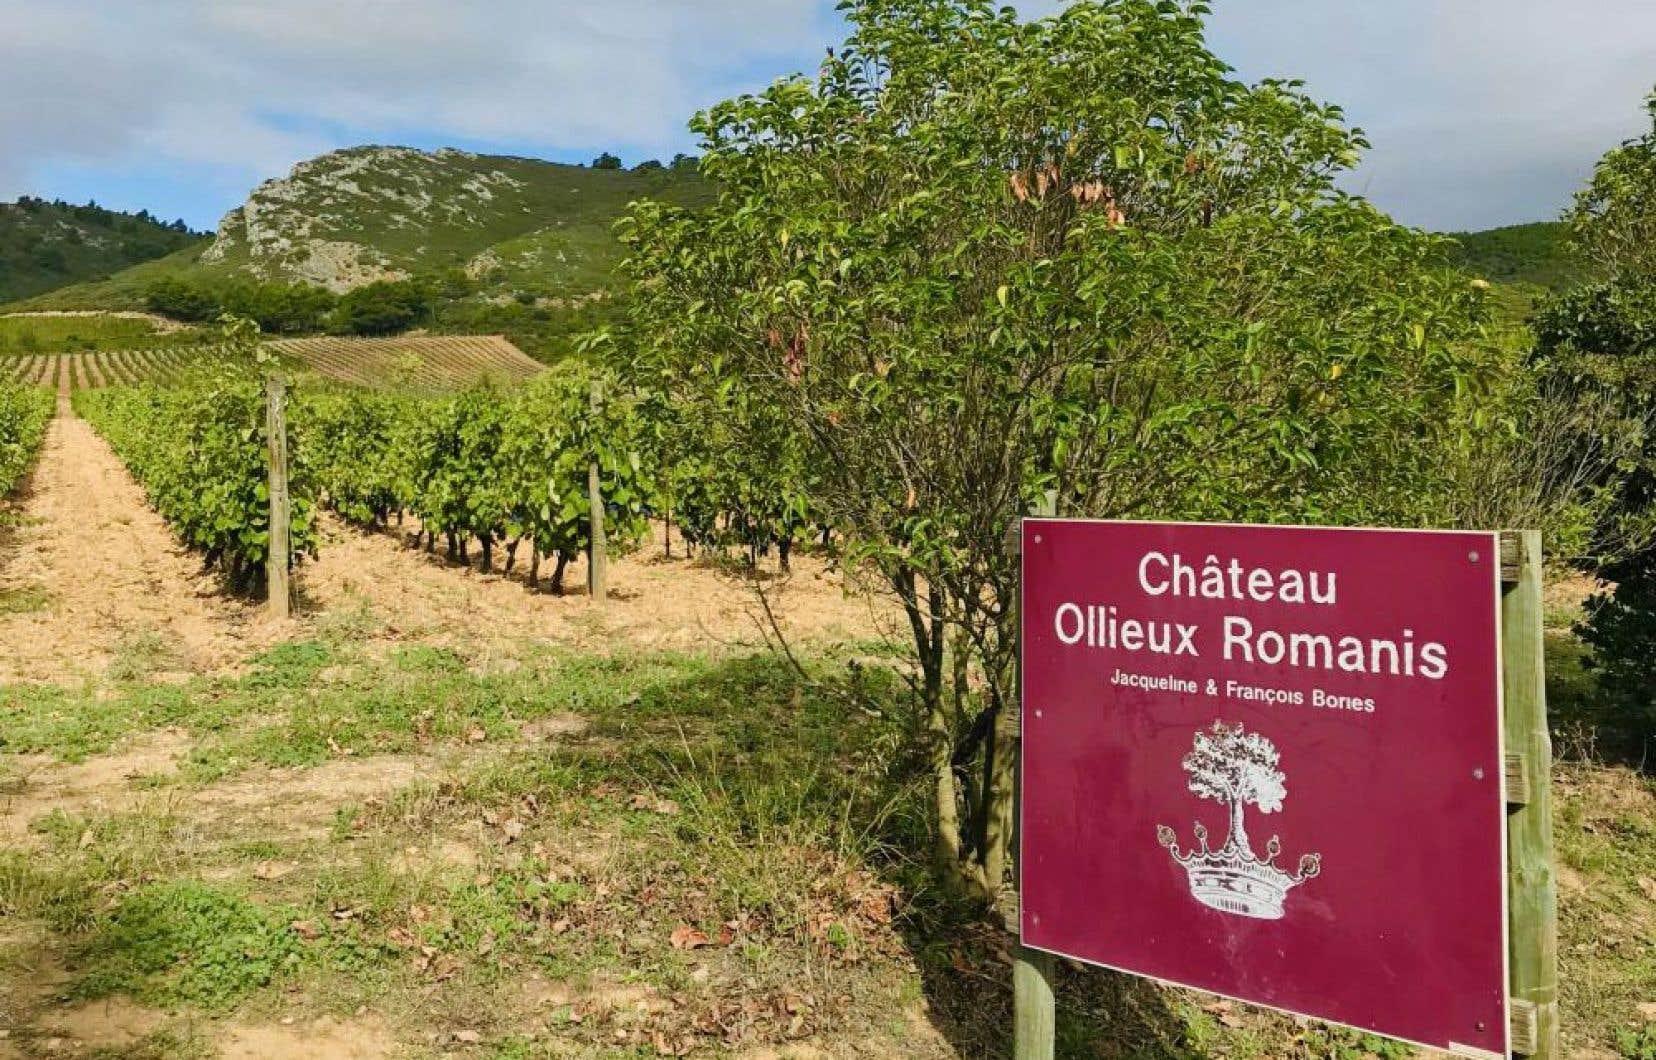 Quelques AOC se démarquent nettement, dont celles de Corbières Boutenac où les vins de Pierre Bories s'illustrent, au château Ollieux Romanis.